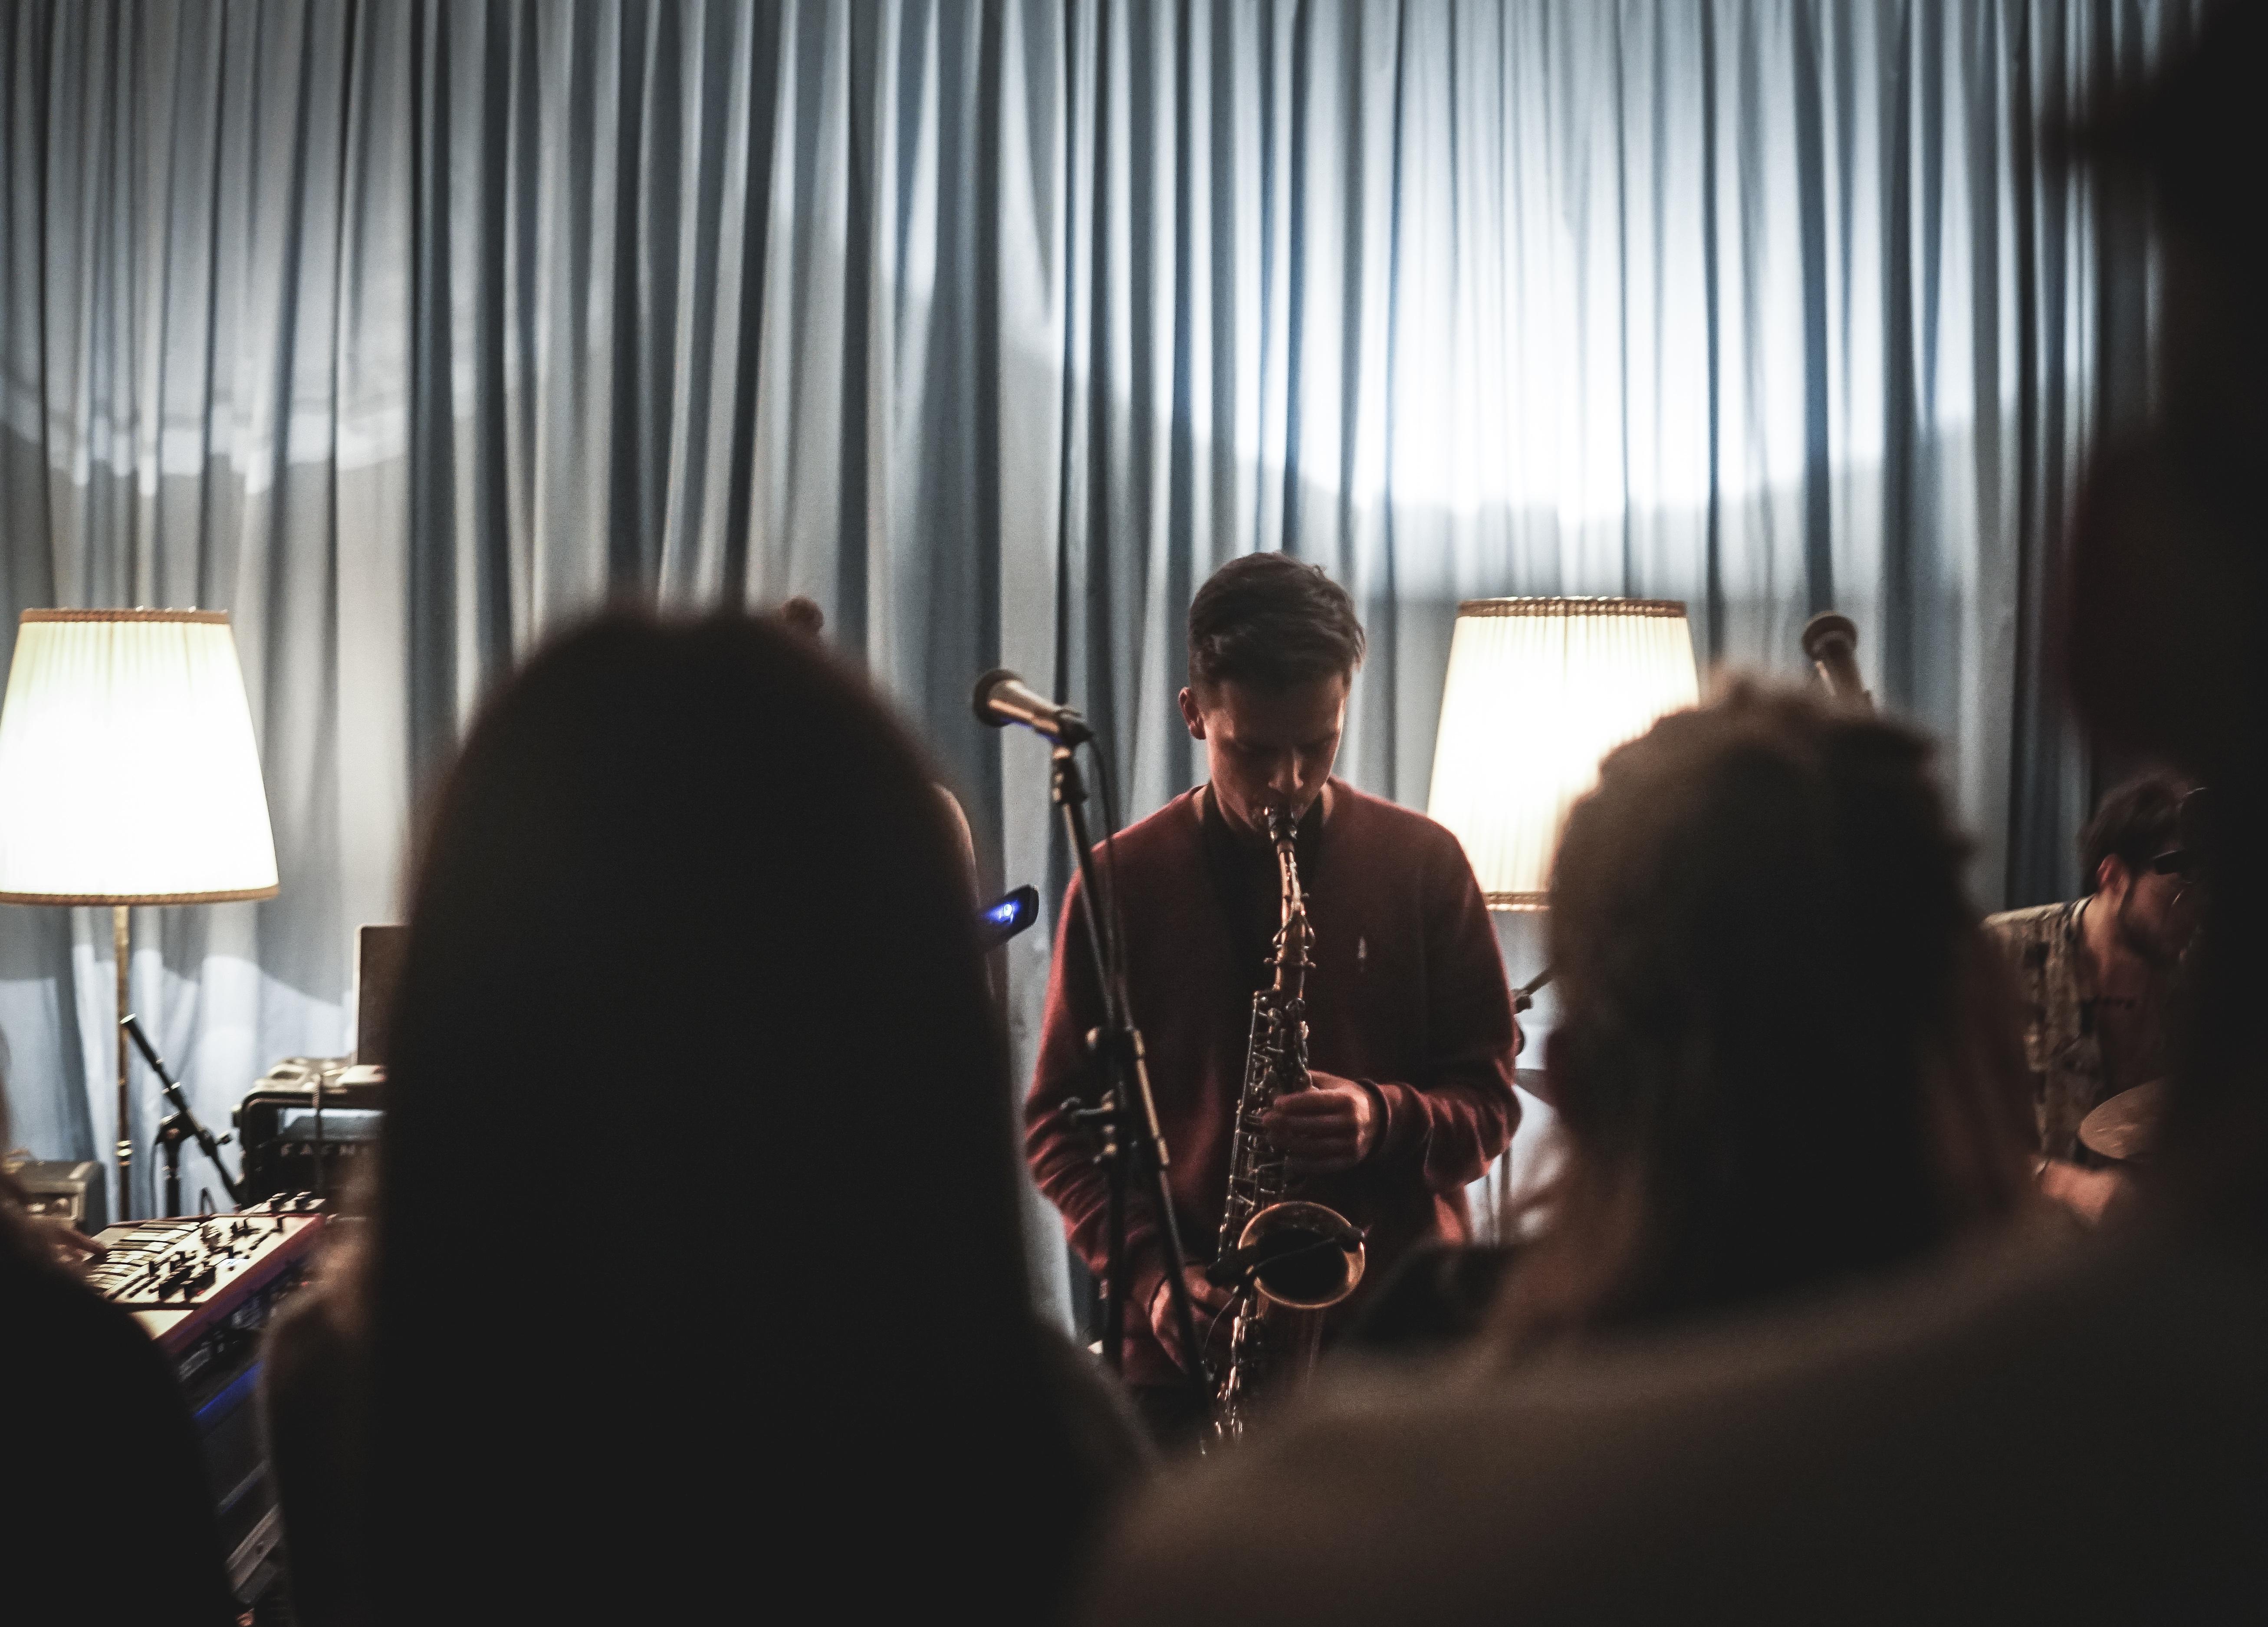 Mathieu Bitz (inemusige), alto sax